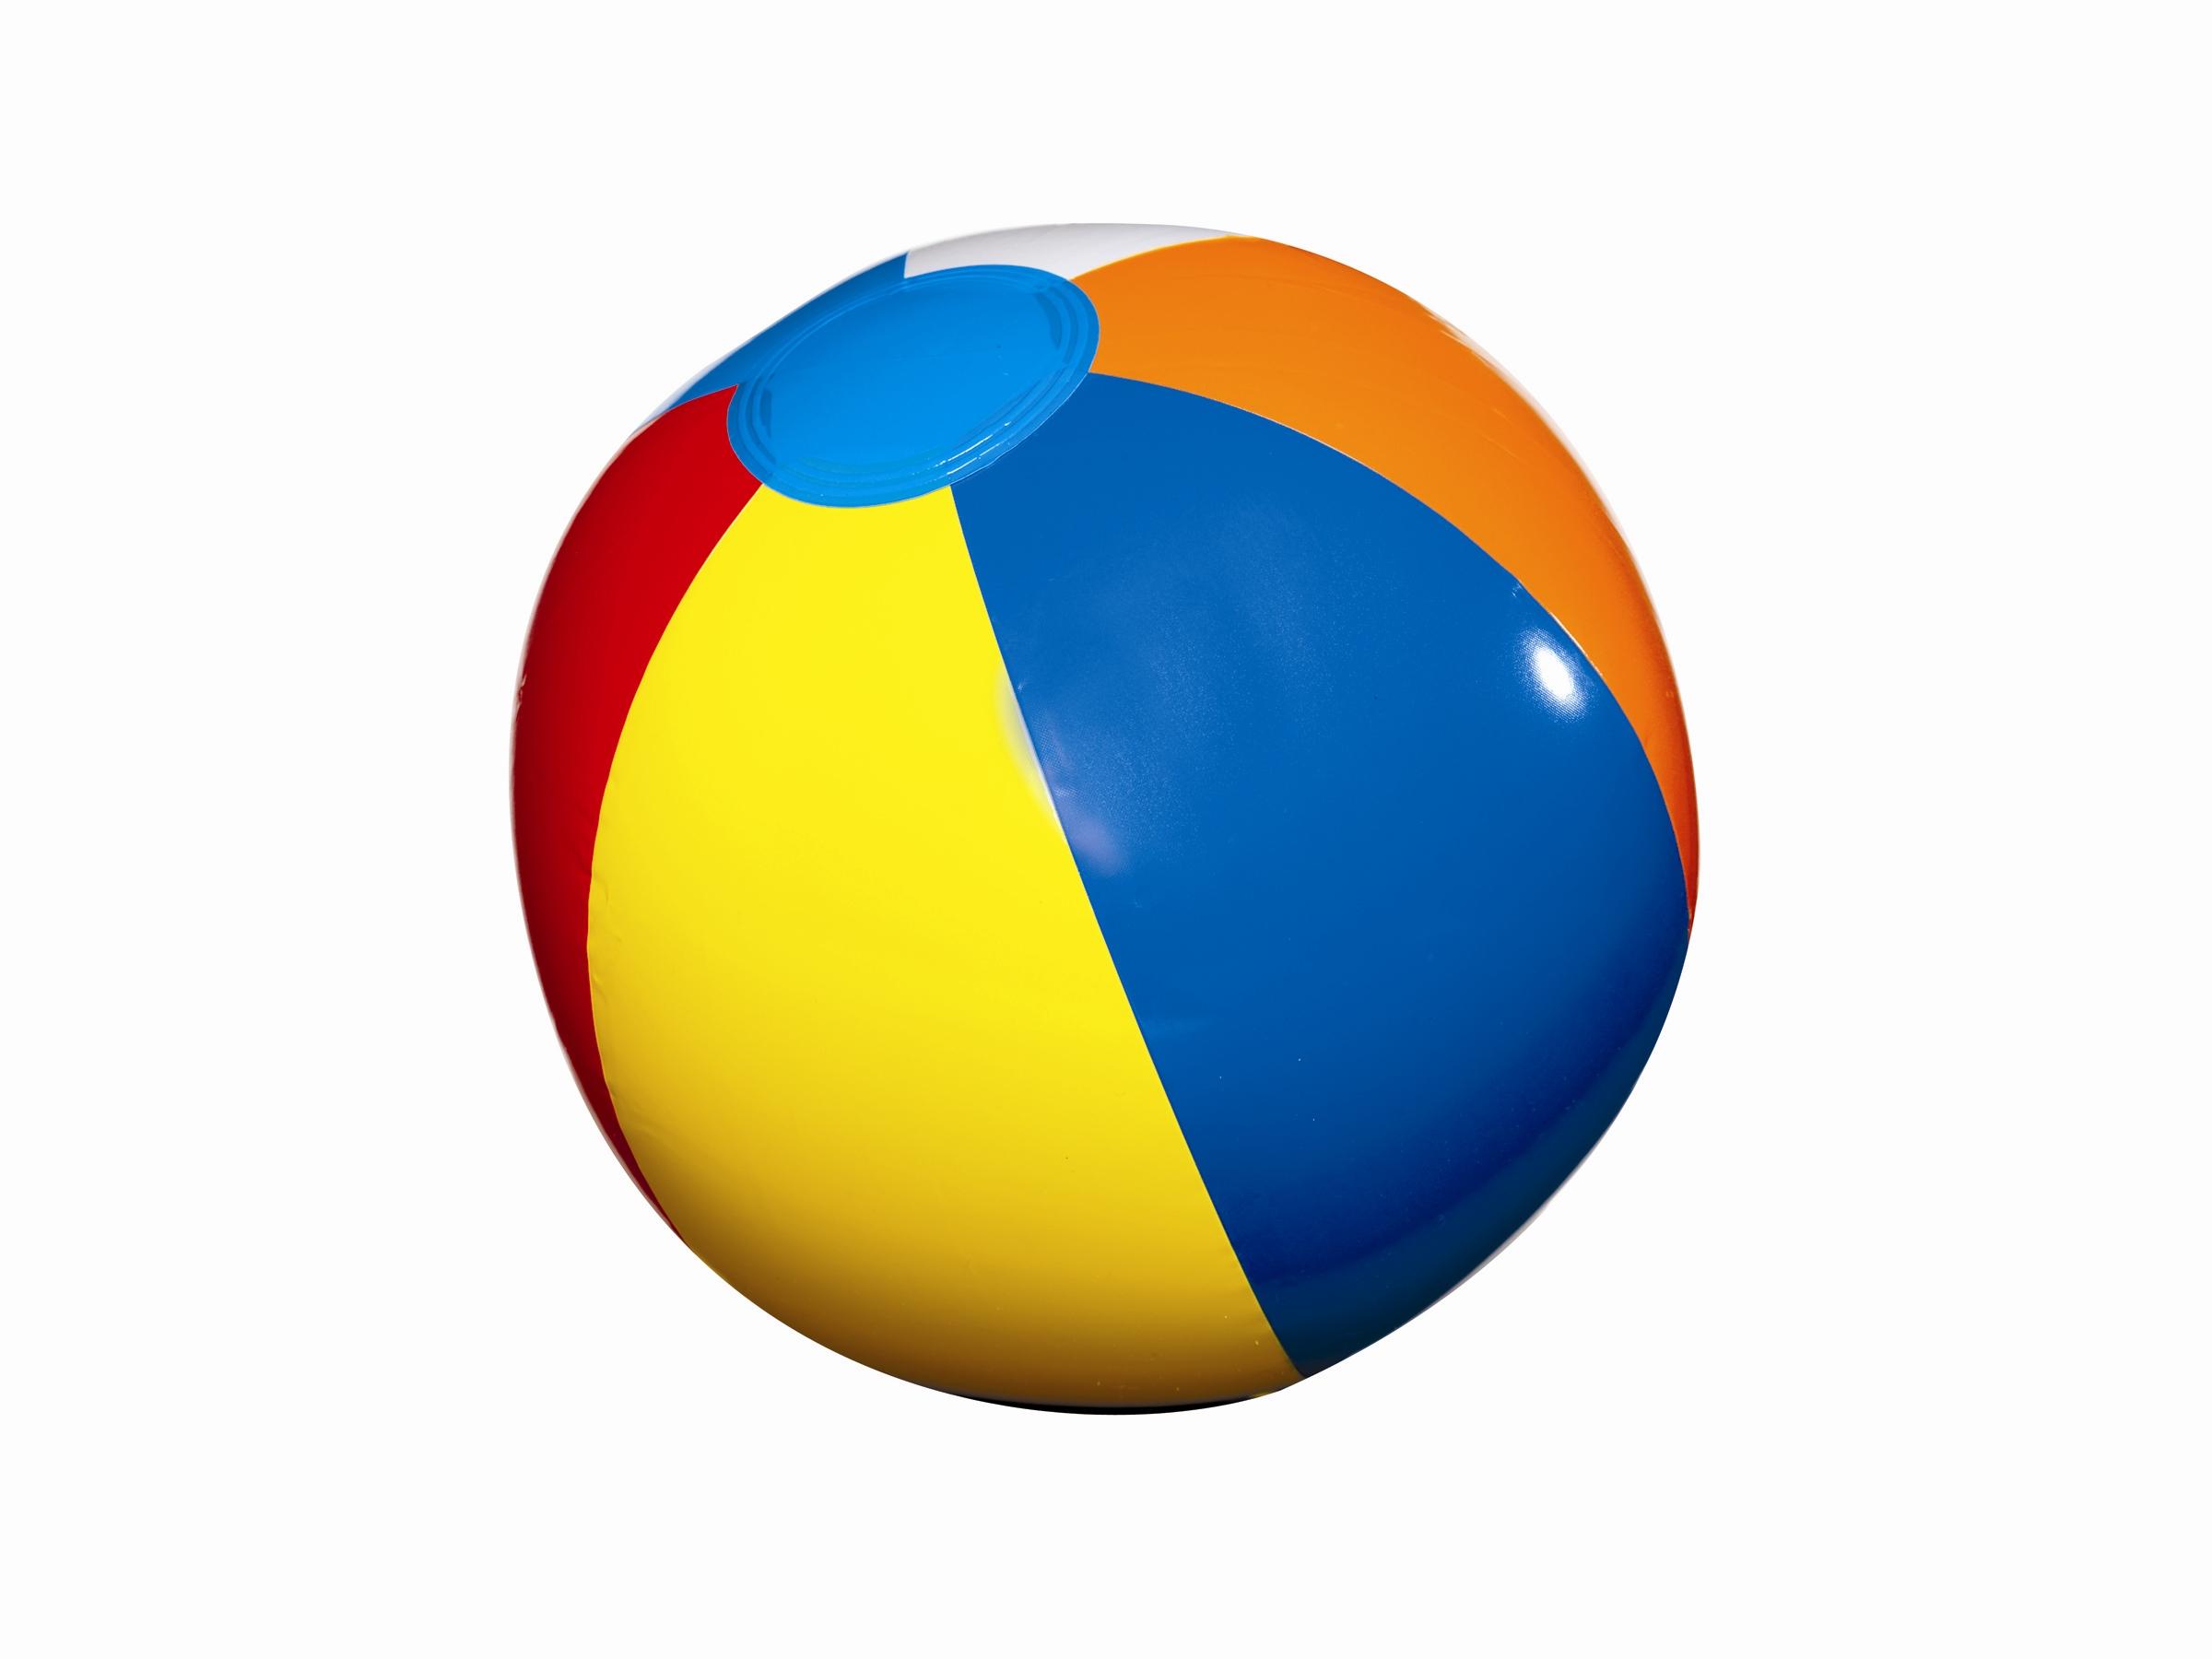 Ball clipart 1 ball. Free beach clip art